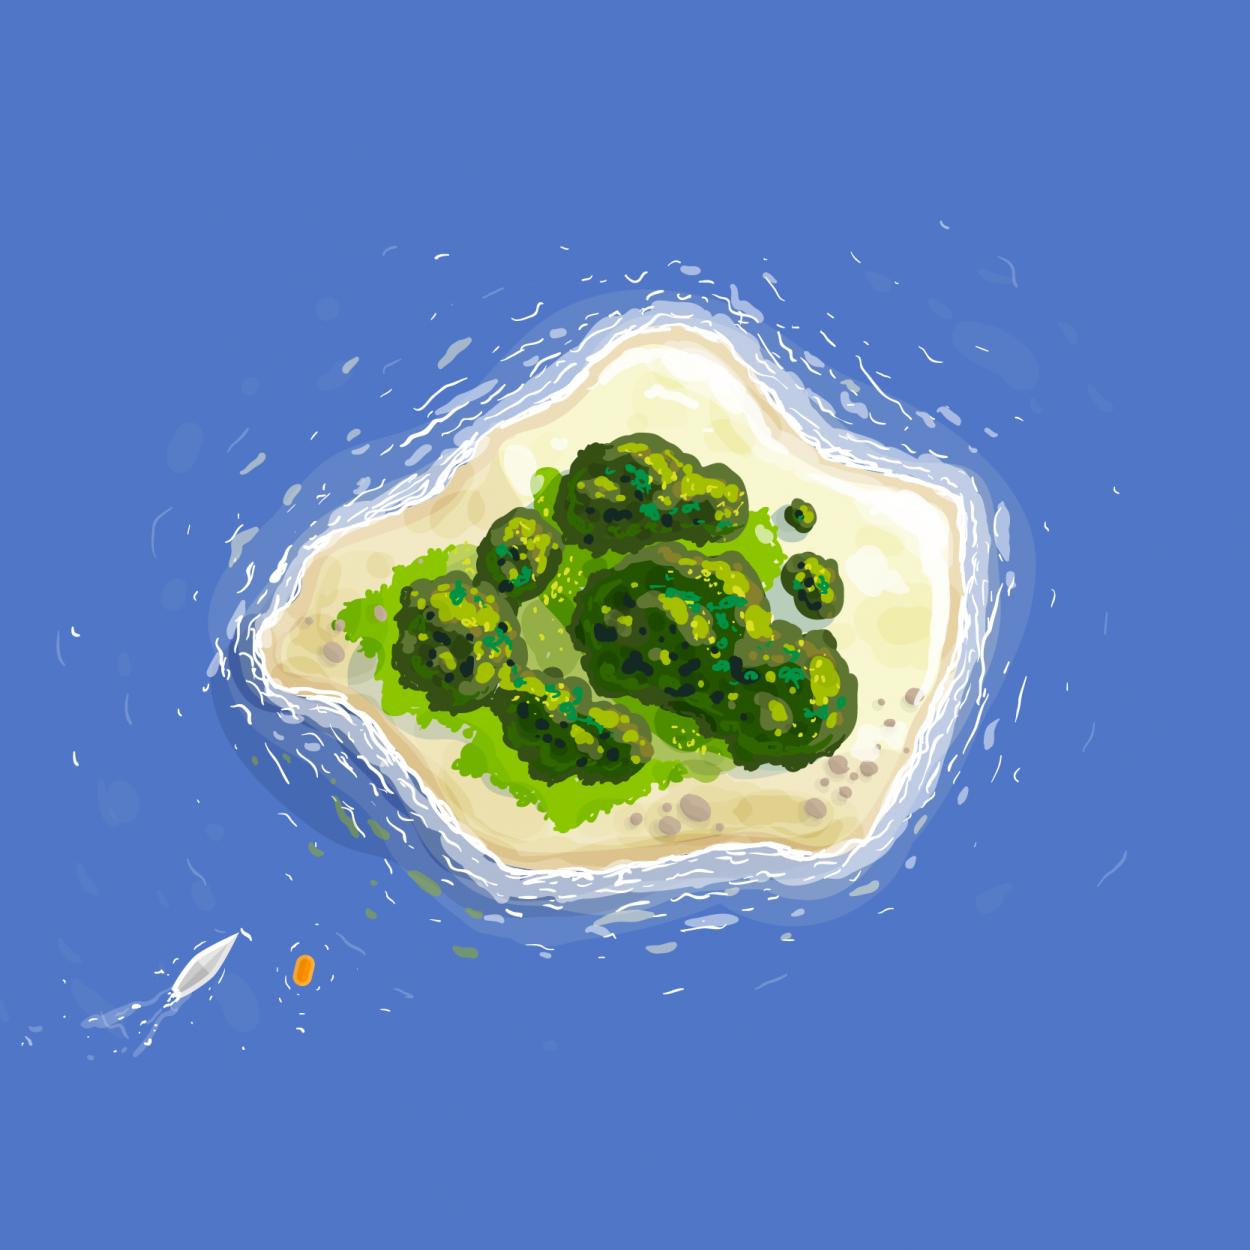 Анекдот омиллиардере иего жене нанеобитаемом острове